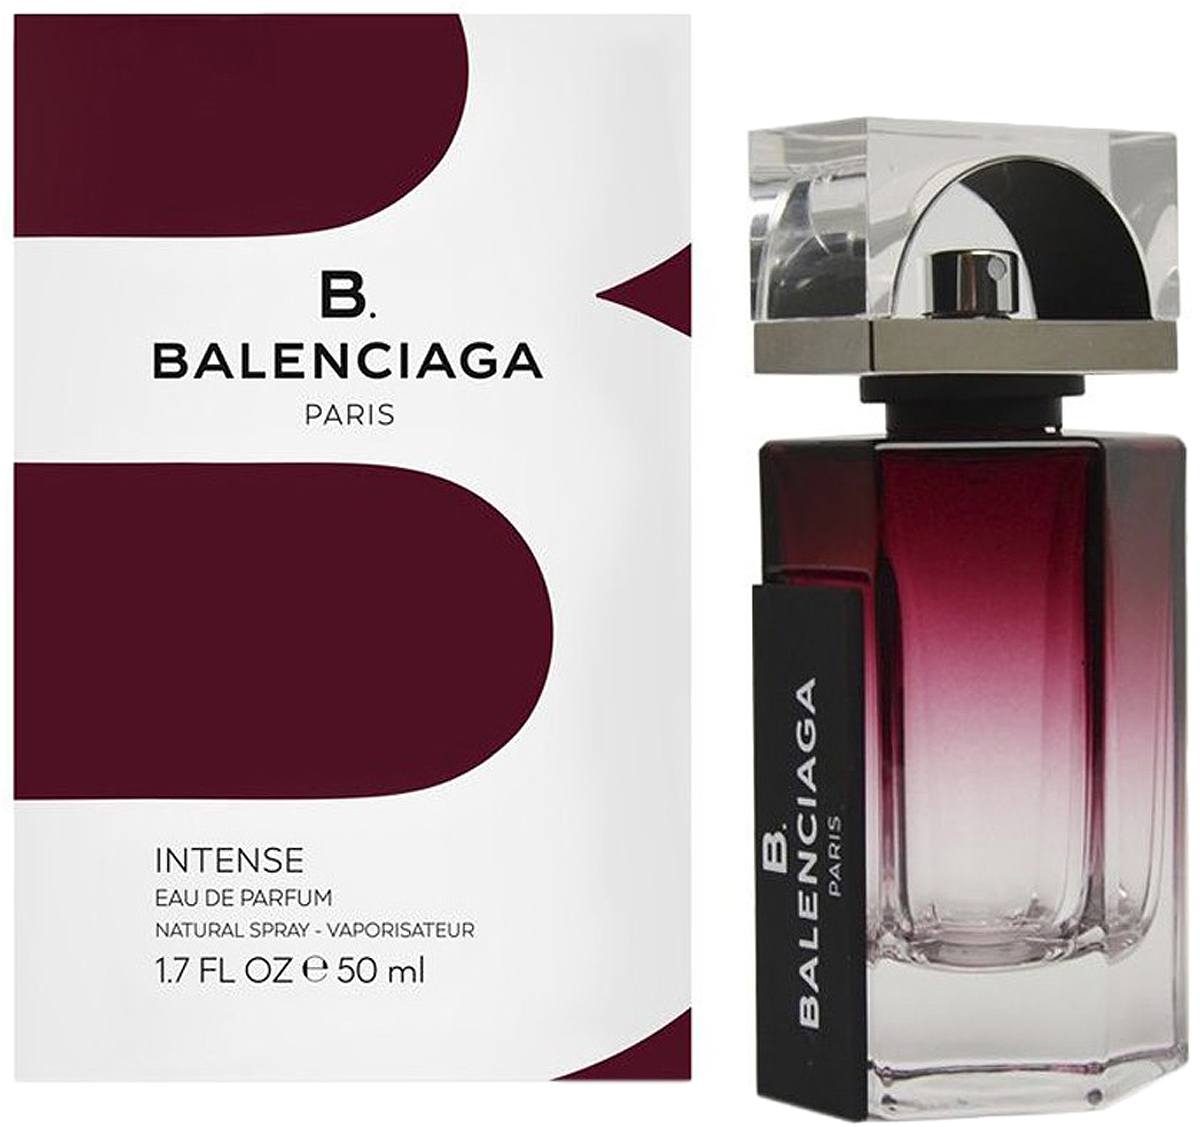 Balenciaga IntenseПарфюмерная вода женская, 50 мл Balenciaga